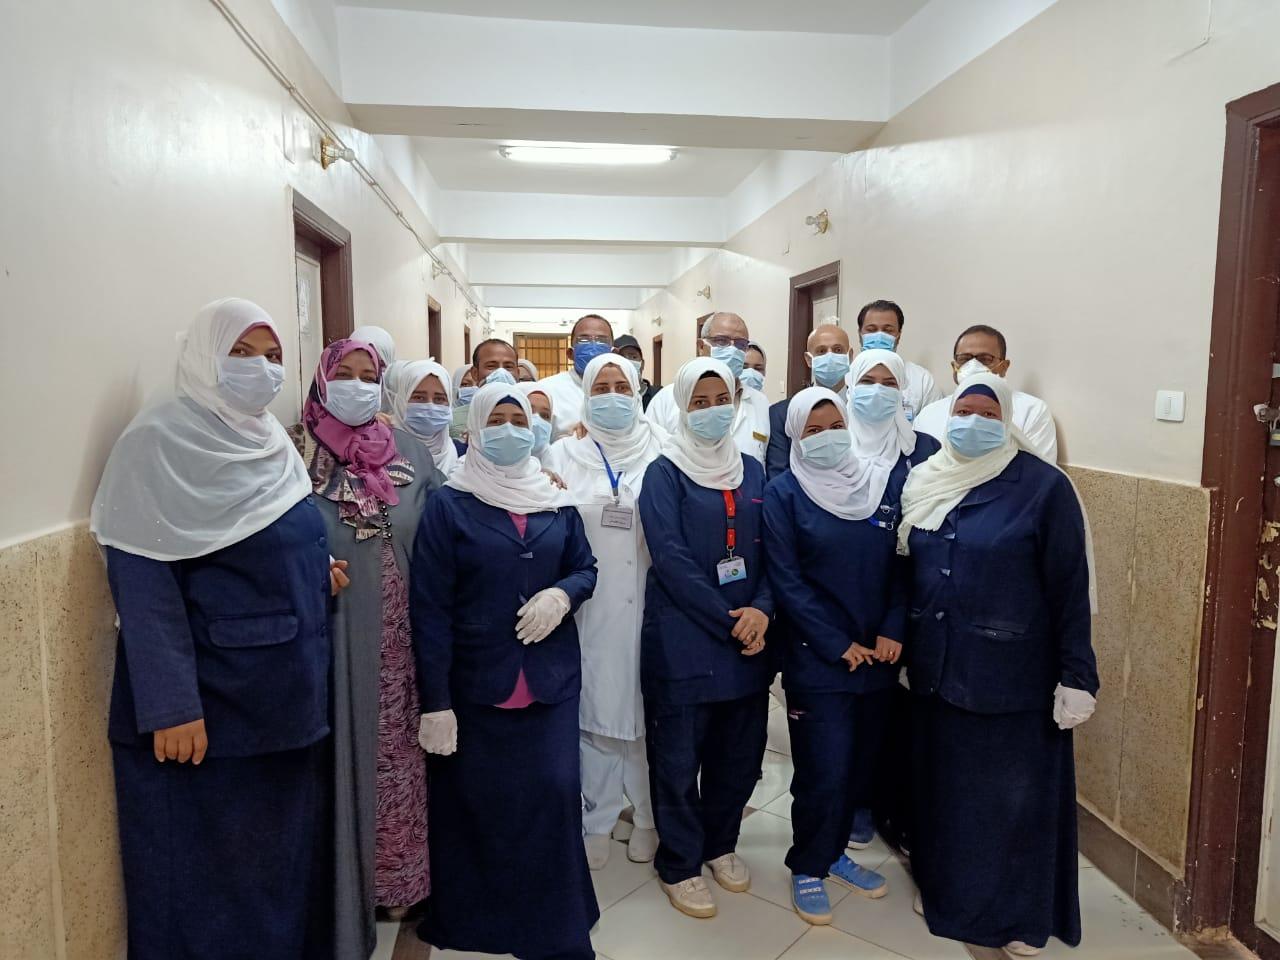 وكيل صحة الشرقية يزور مستشفيي الحميات والصدر  (4)